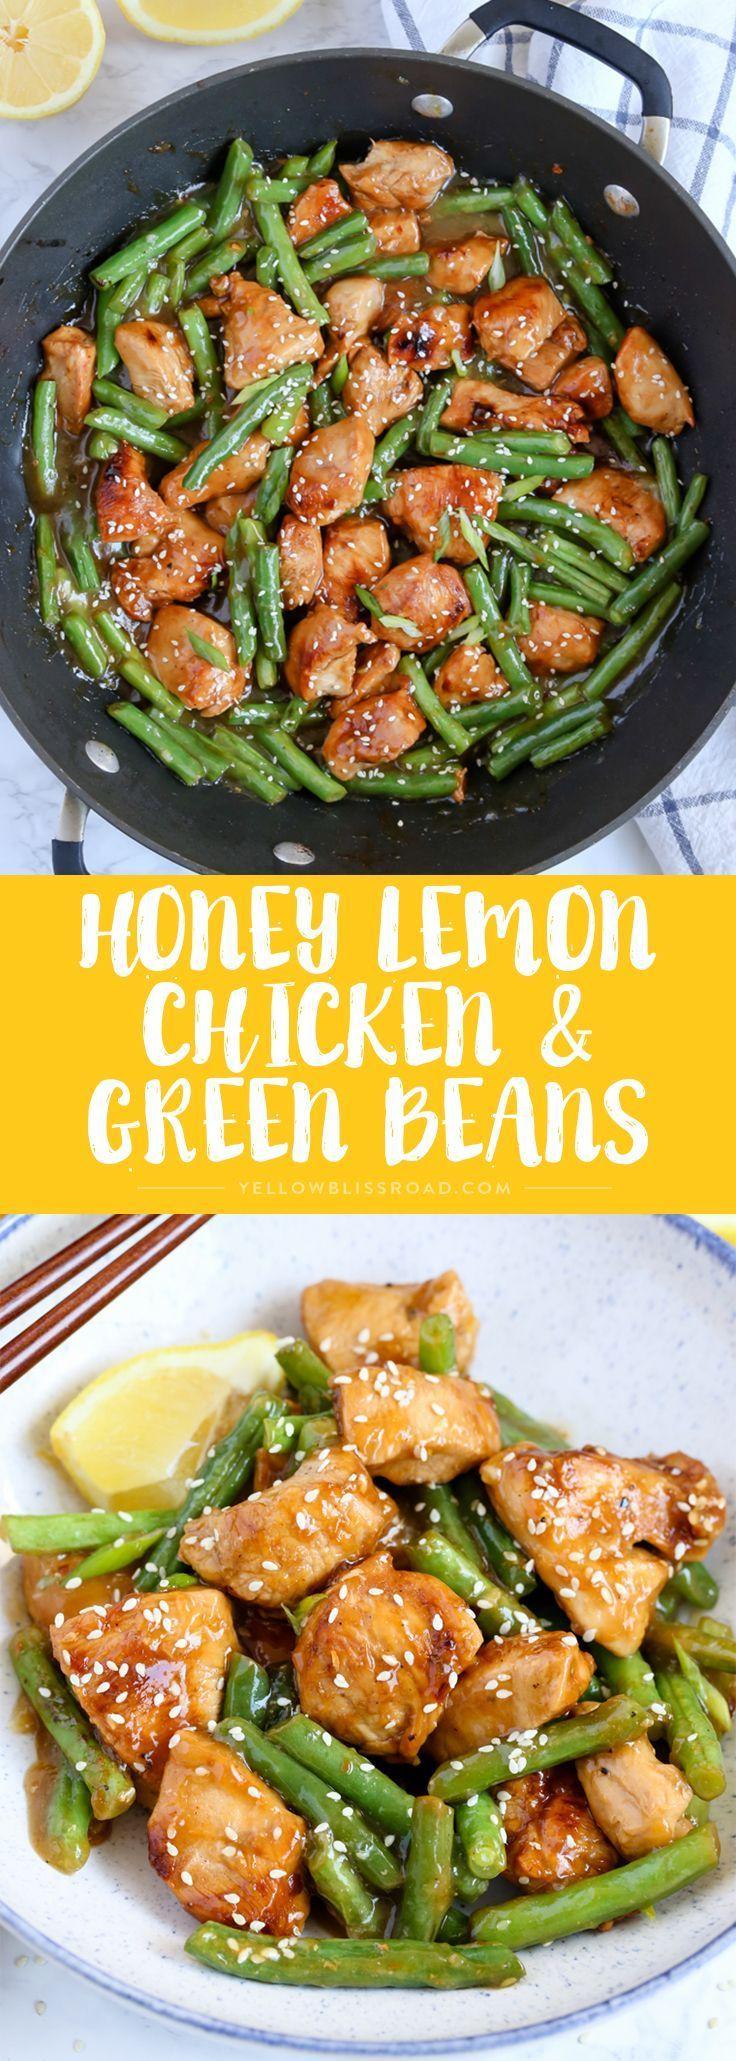 Diese Honey Lemon Chicken und Green Beans sind eine leichte und frische Mahlzeit mit